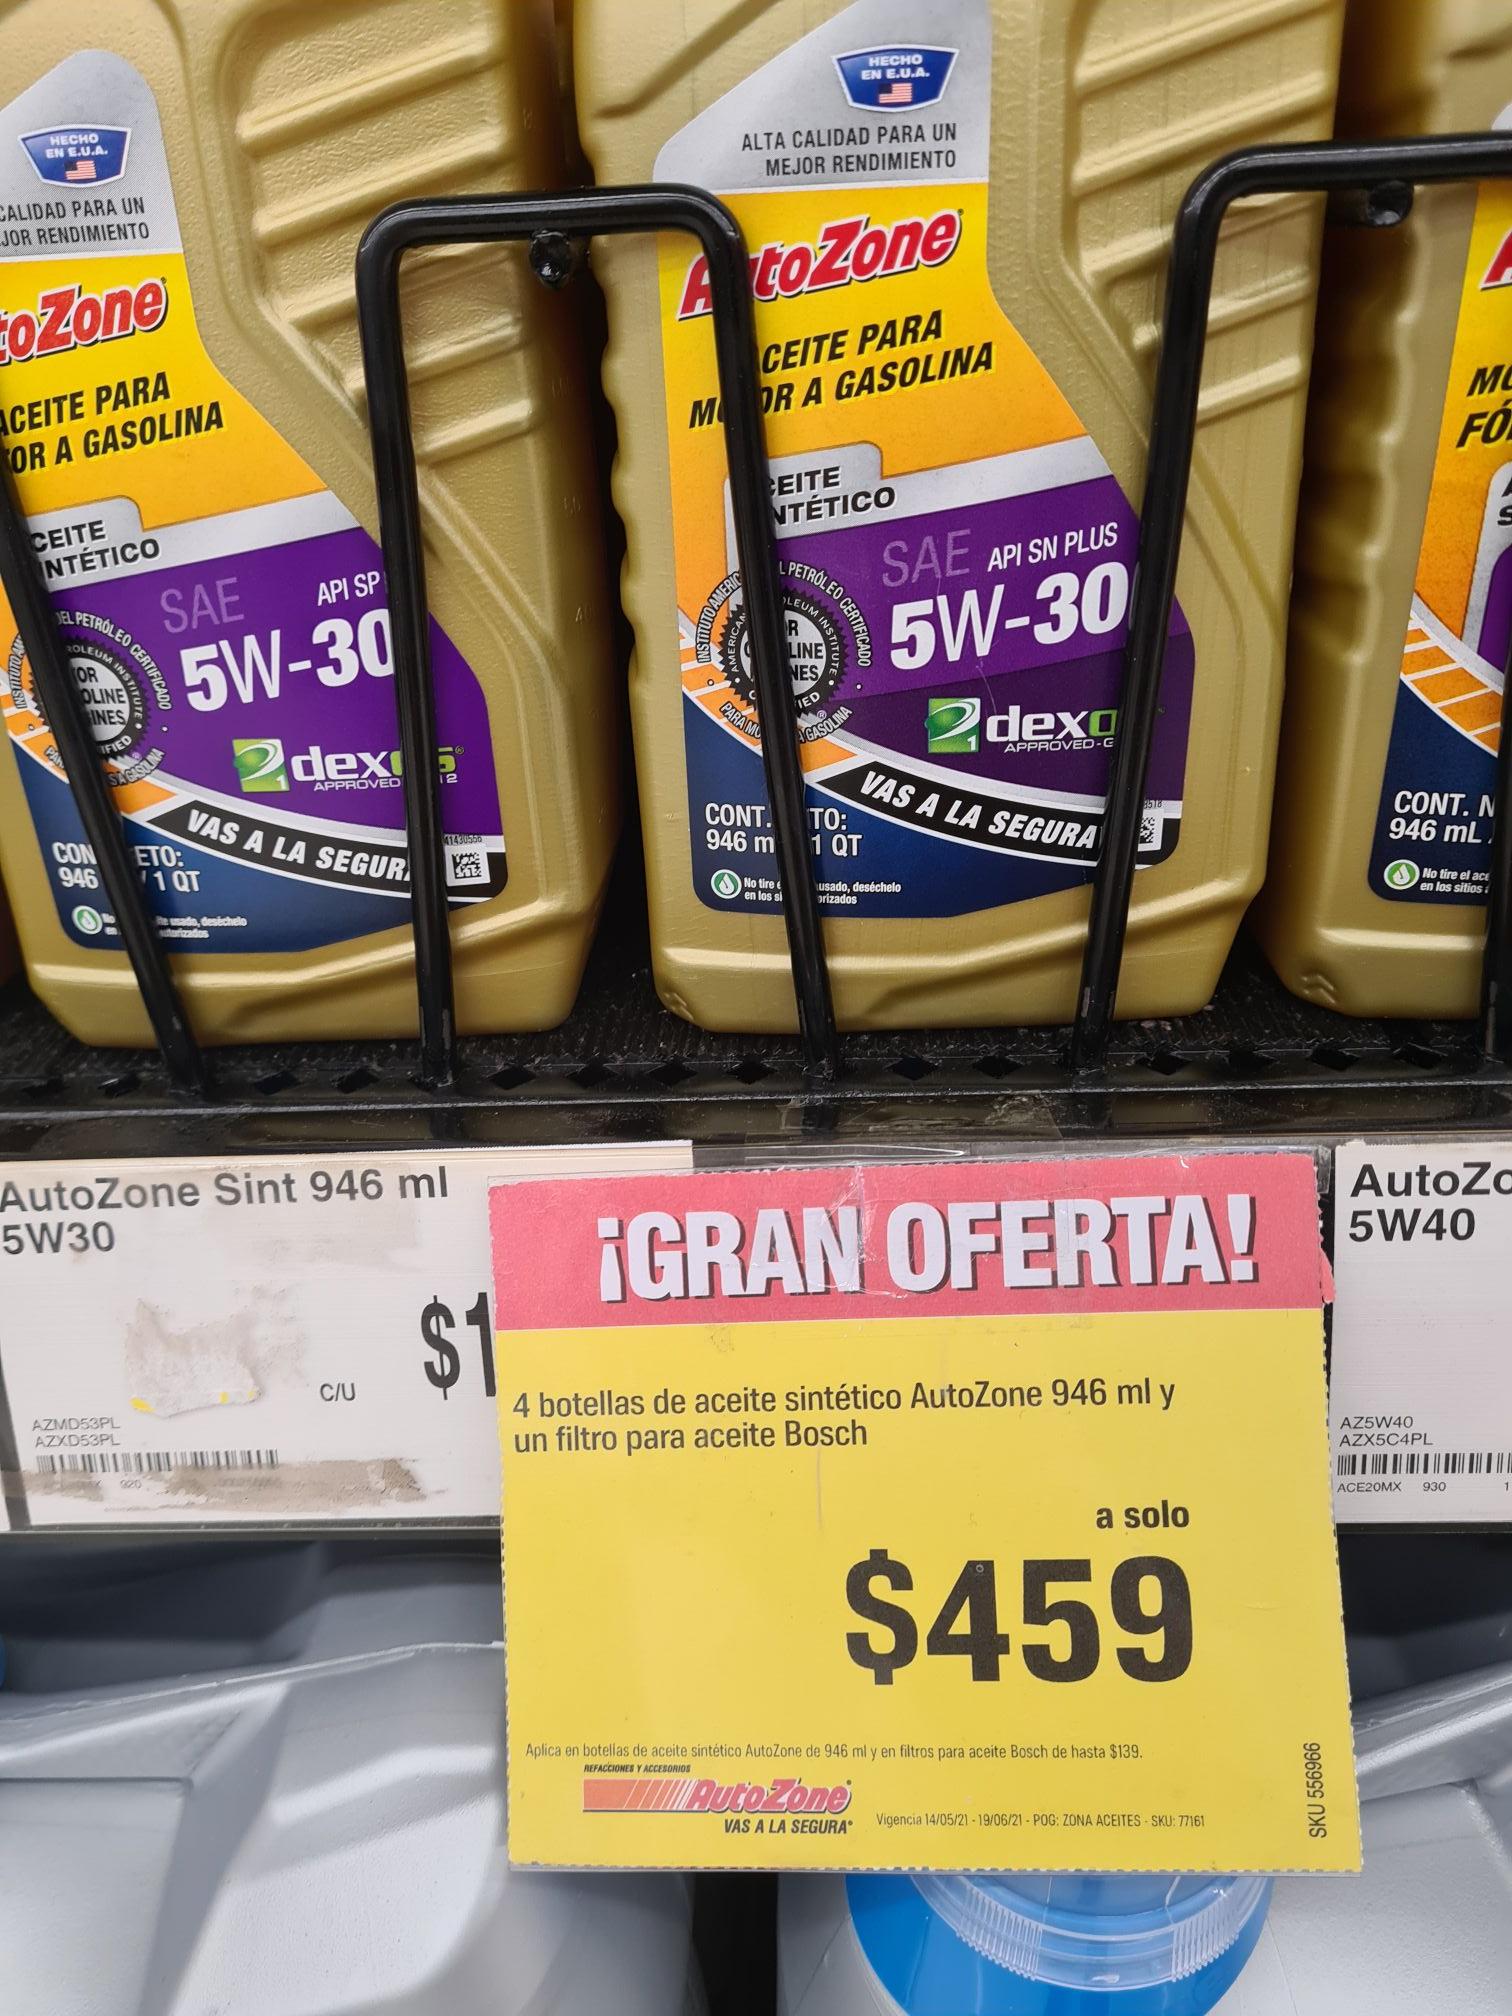 AutoZone: 4 botellas de aceite sintético + filtro Bosch